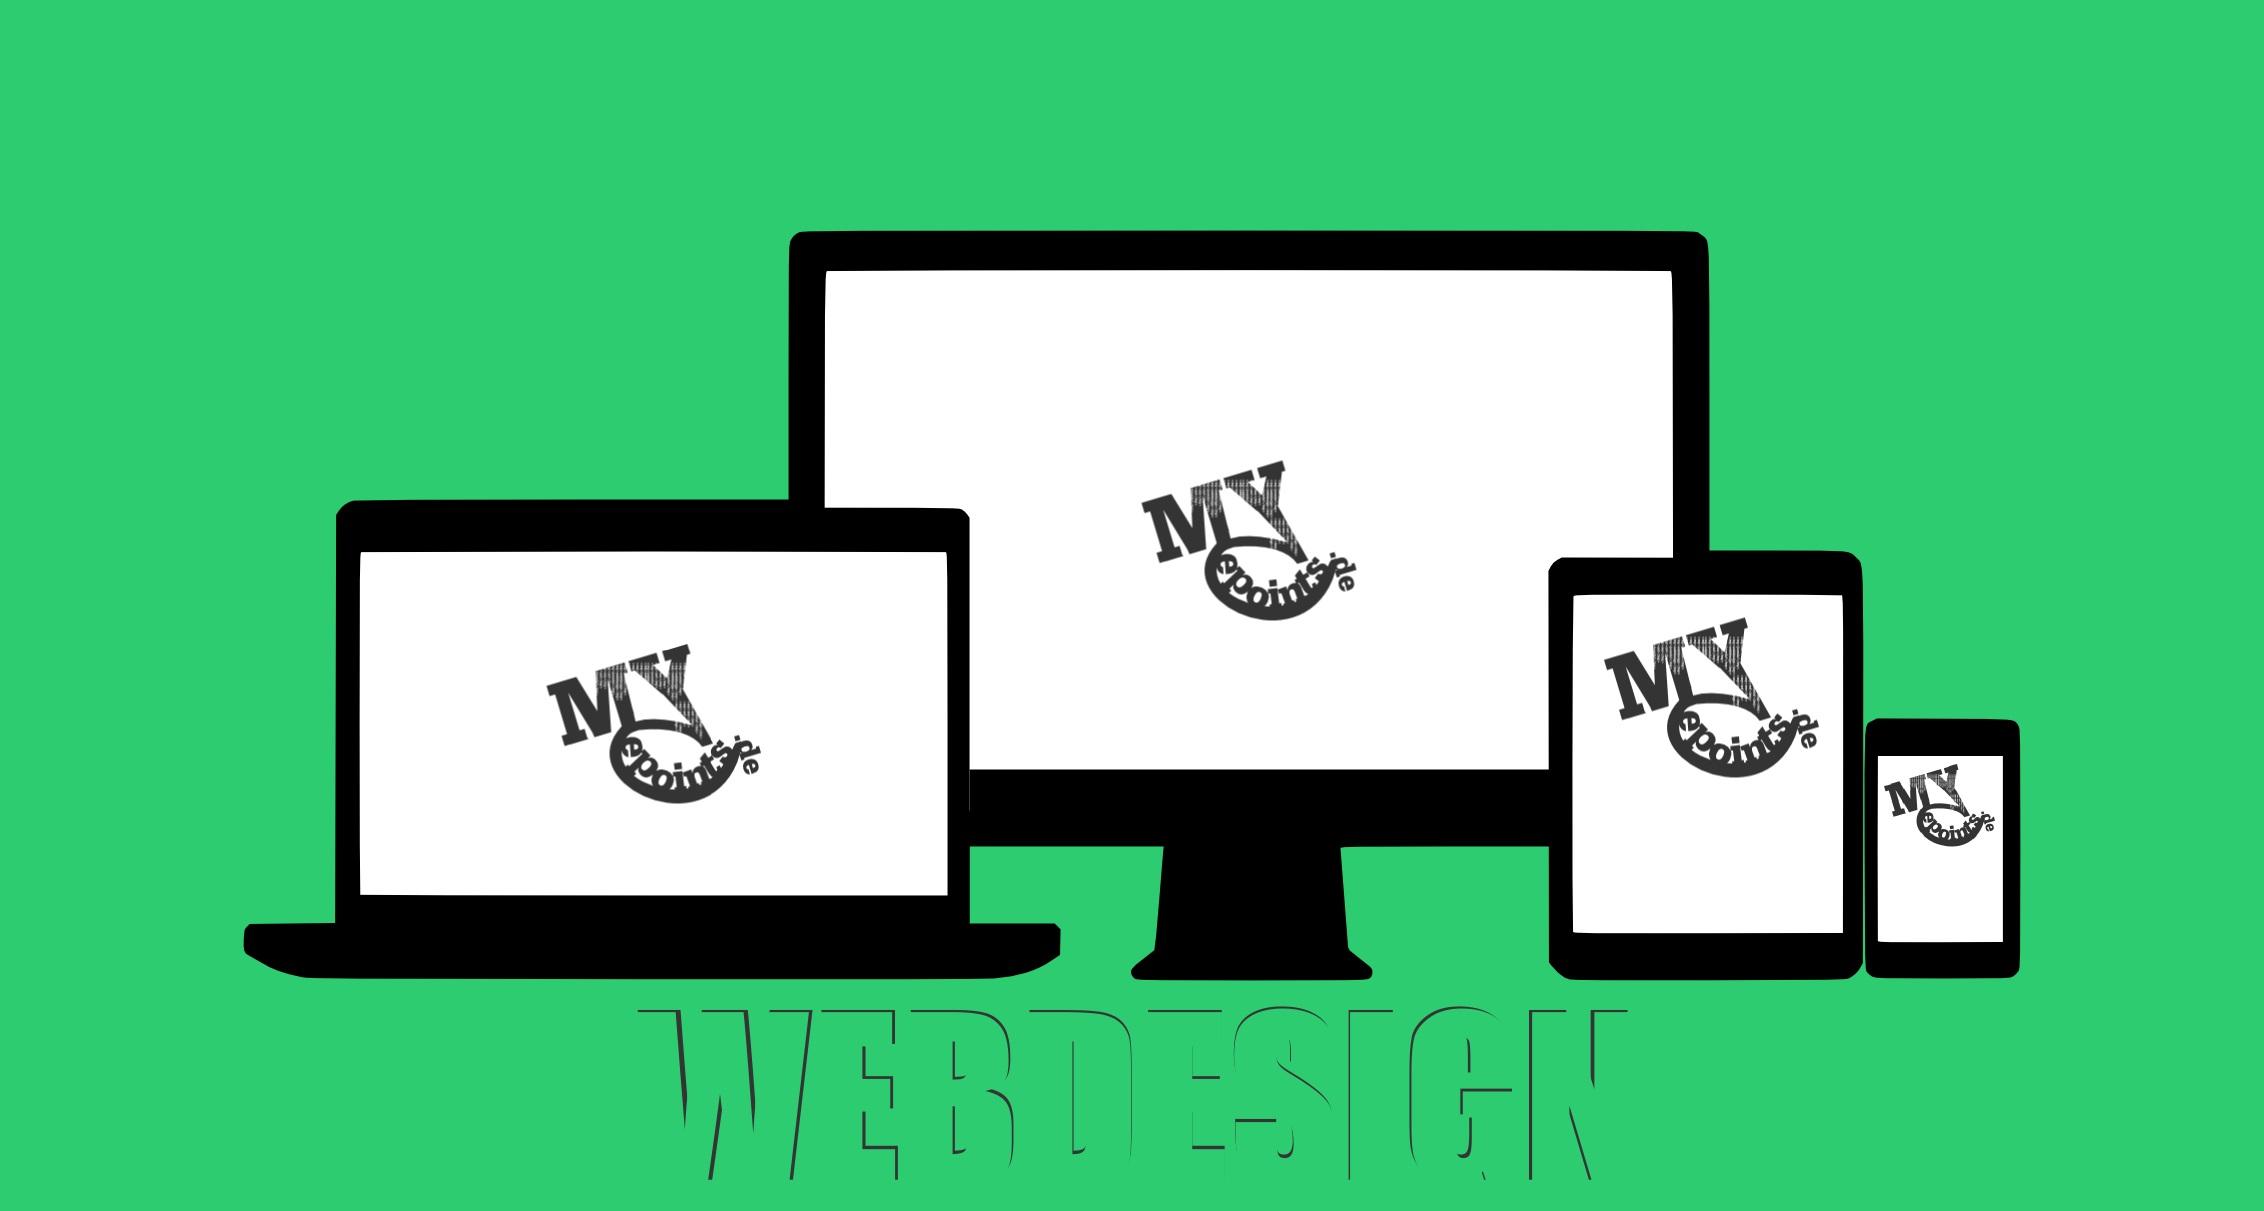 Webdesign Für Ludwigsburg Stuttgart Webdesign Mit Joomla